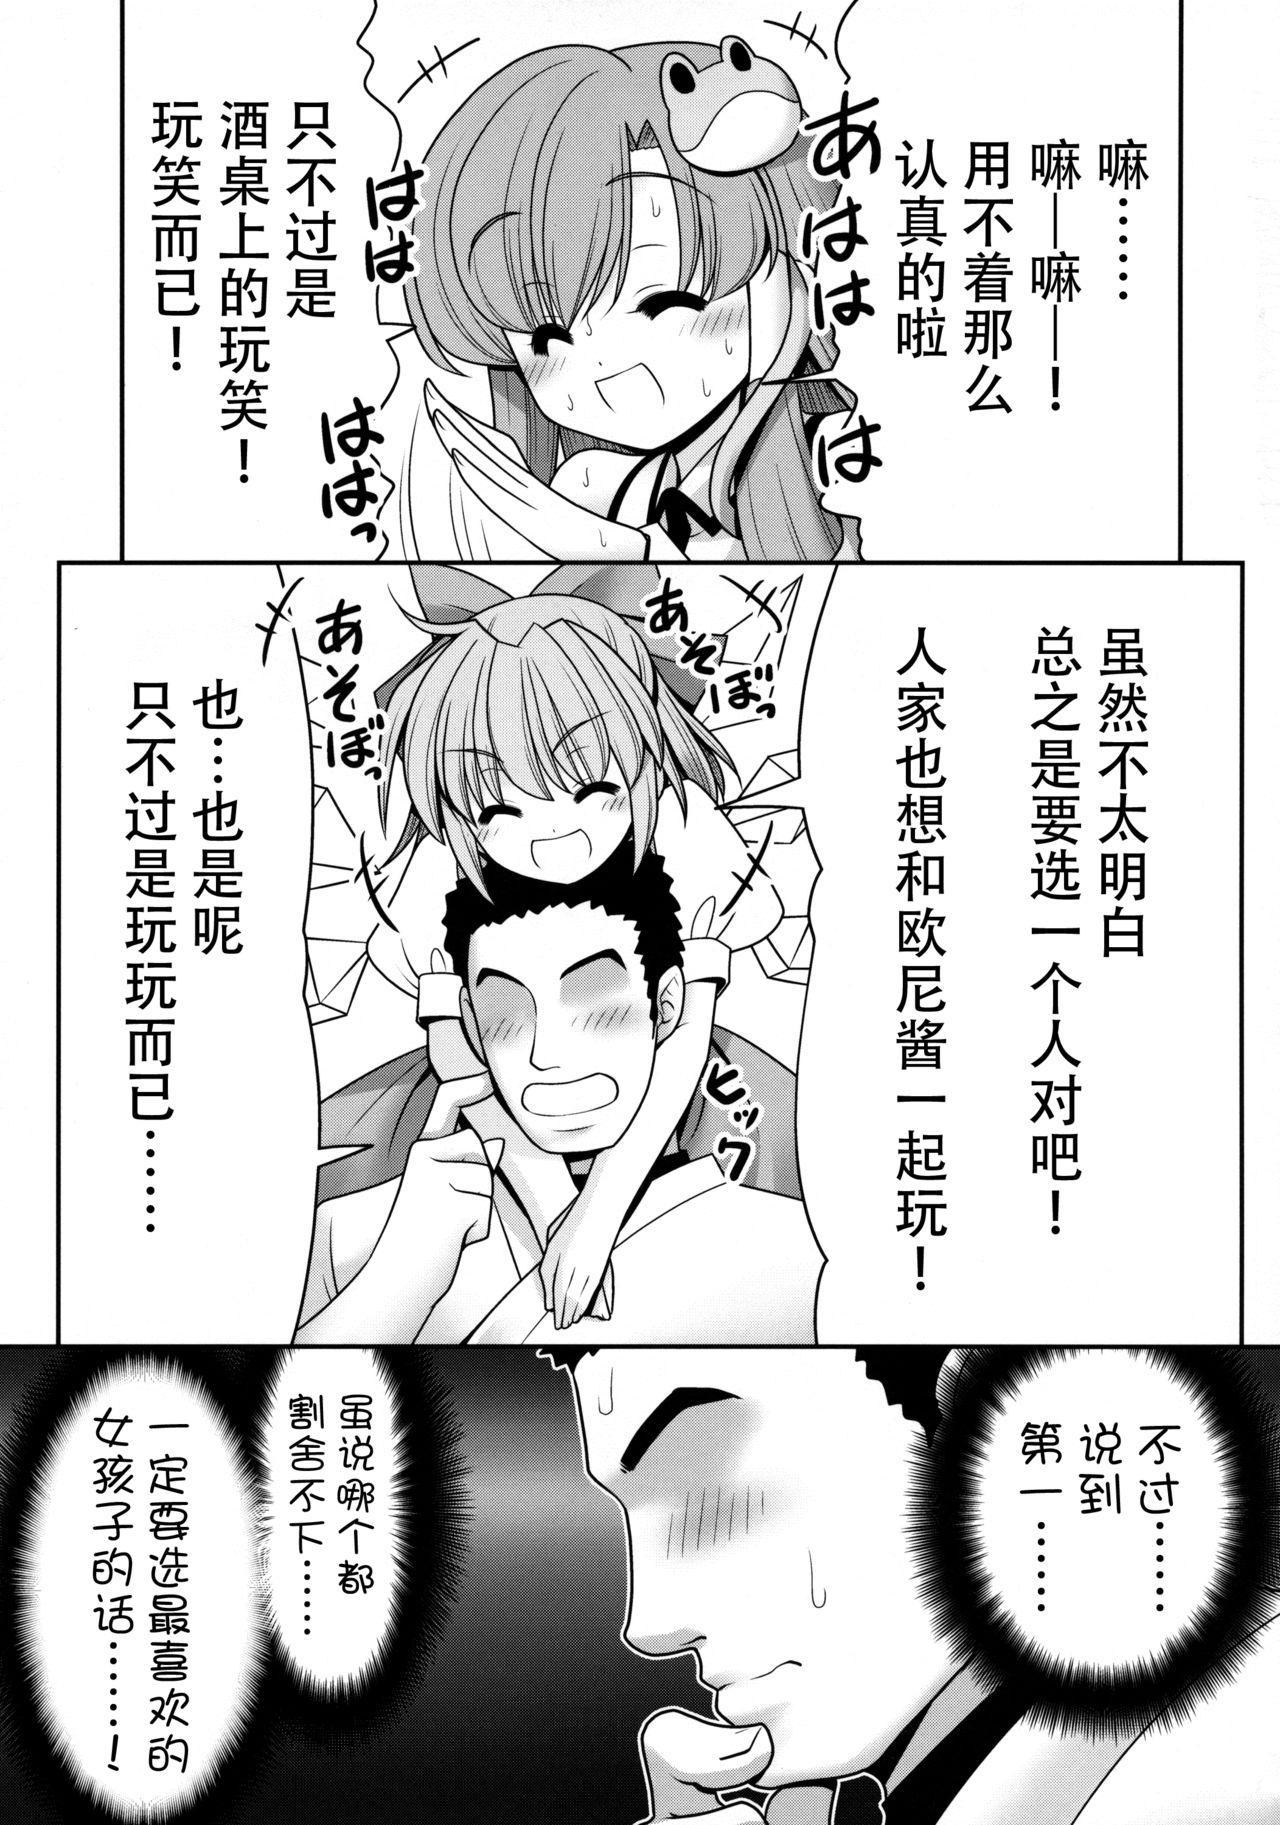 Watashi o H no Aite ni Erande kudasai! 4